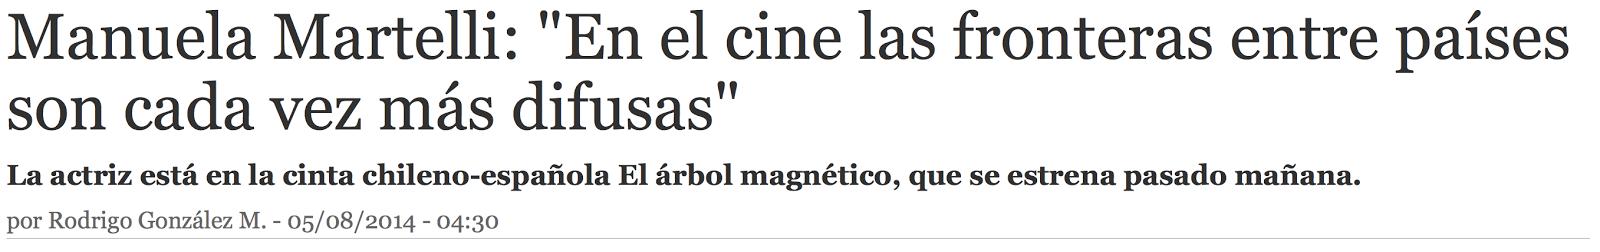 http://www.latercera.com/noticia/cultura/2014/08/1453-589853-9-manuela-martelli-en-el-cine-las-fronteras-entre-paises-son-cada-vez-mas-difusas.shtml